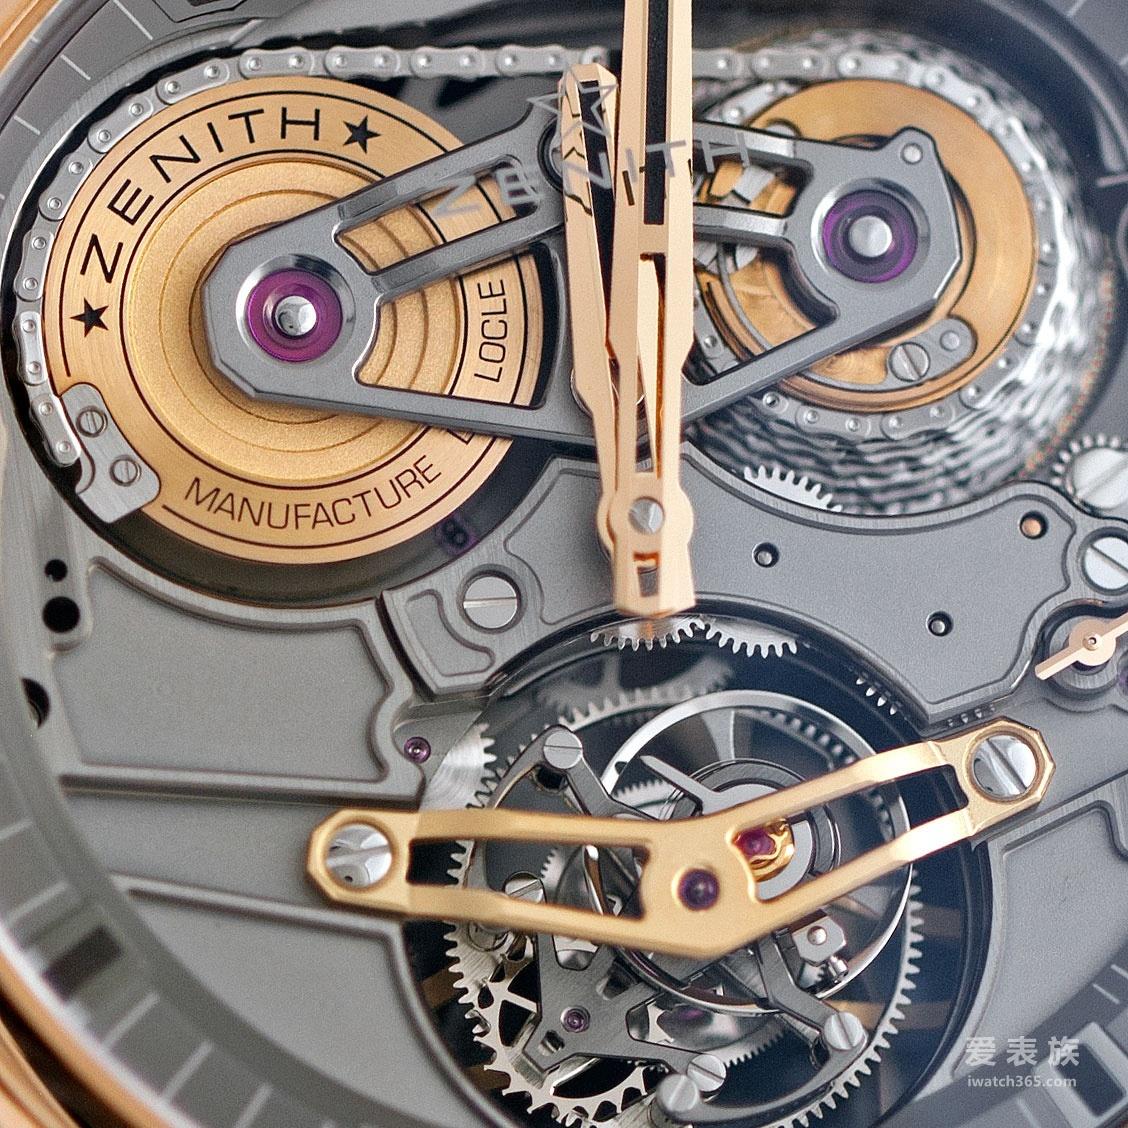 高速转动下的复杂机械工艺:真力时Academy 系列Georges Favre-Jacot芝麻链陀飞轮腕表